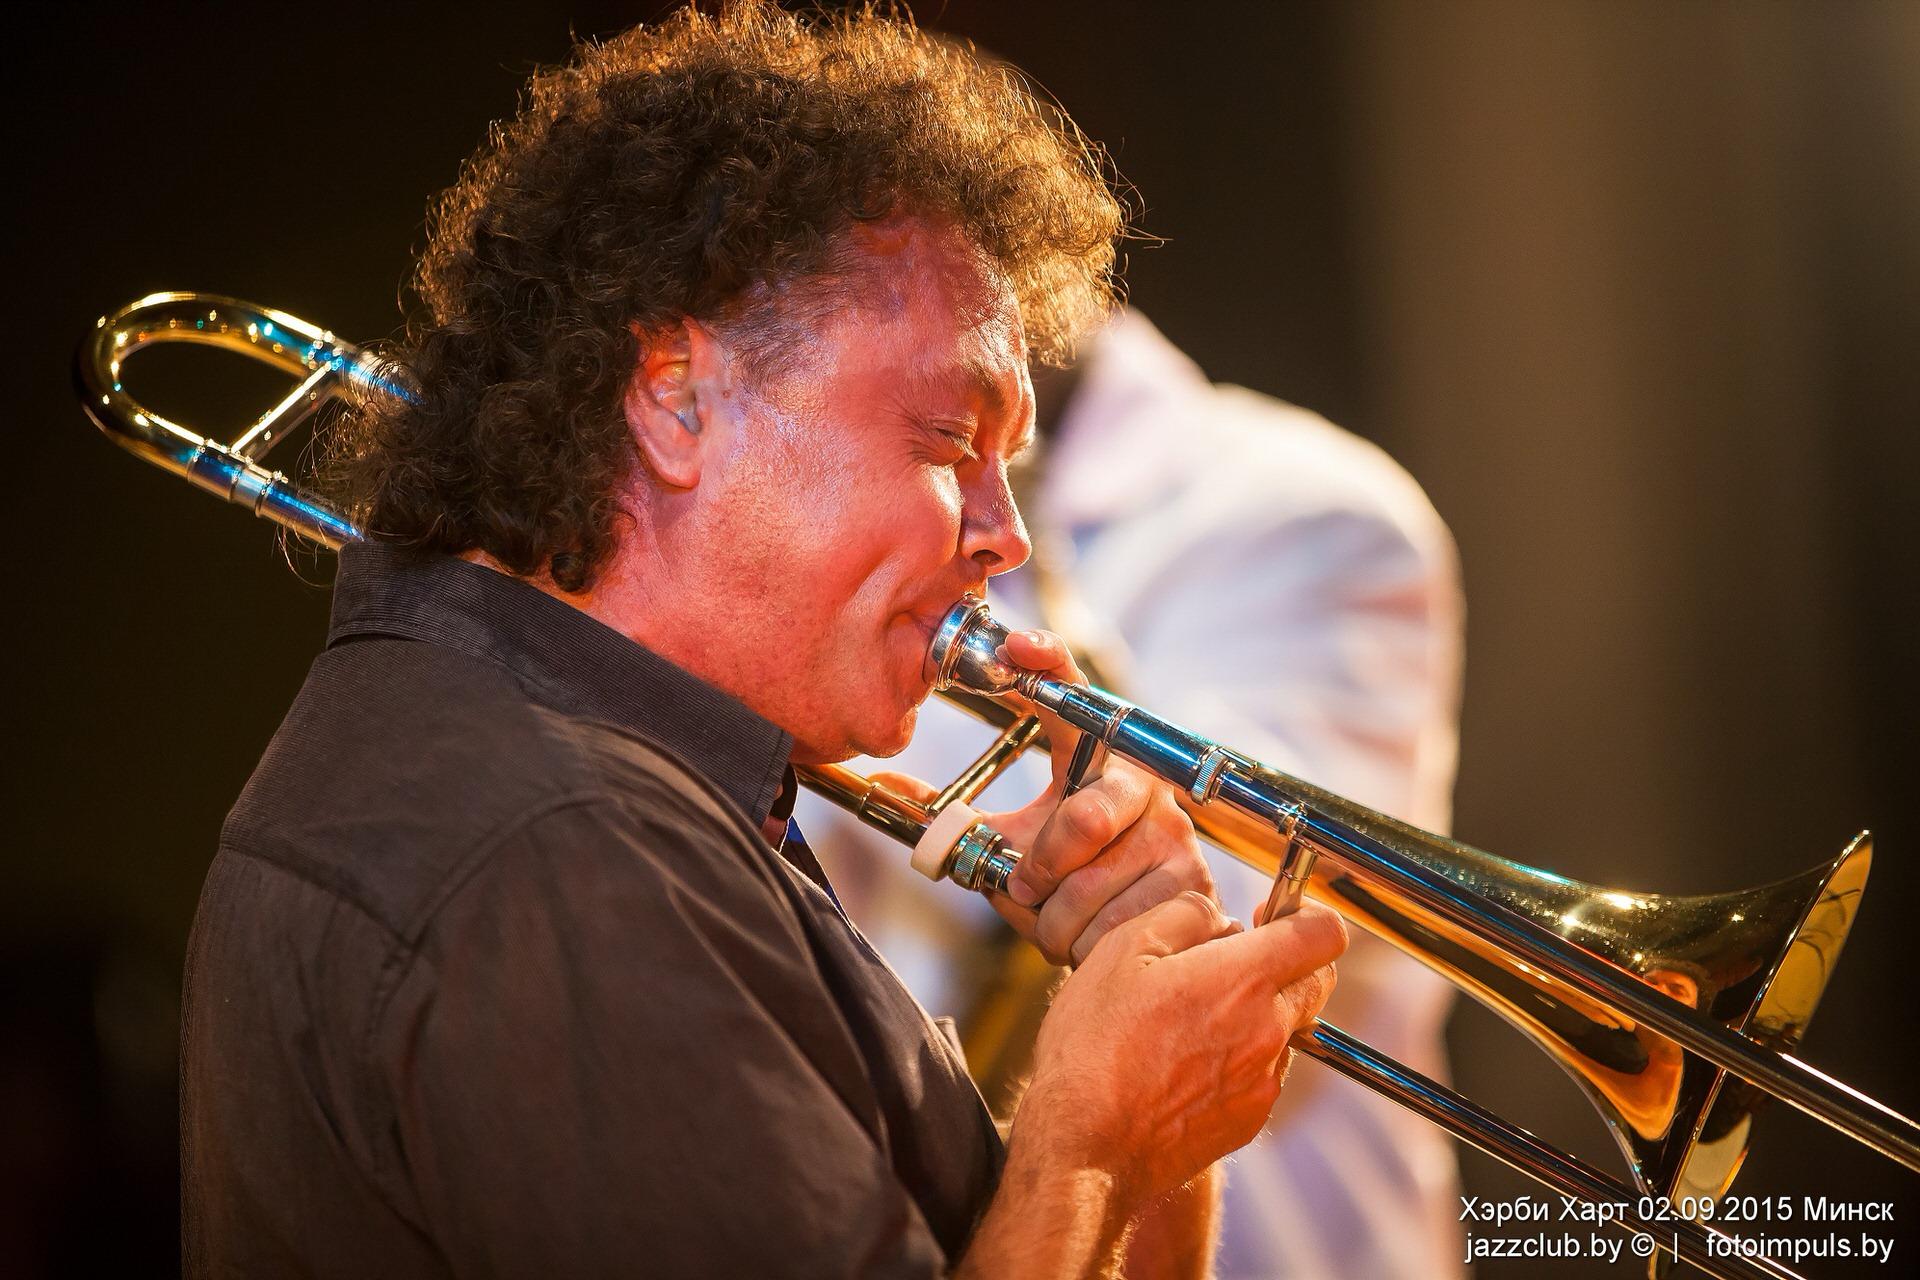 Евгений Владимиров (Evgeny Vladimirov) - основатель ДЖАЗ в МИНСКЕ JazzinMinsk, на концерте в августе 2015 года